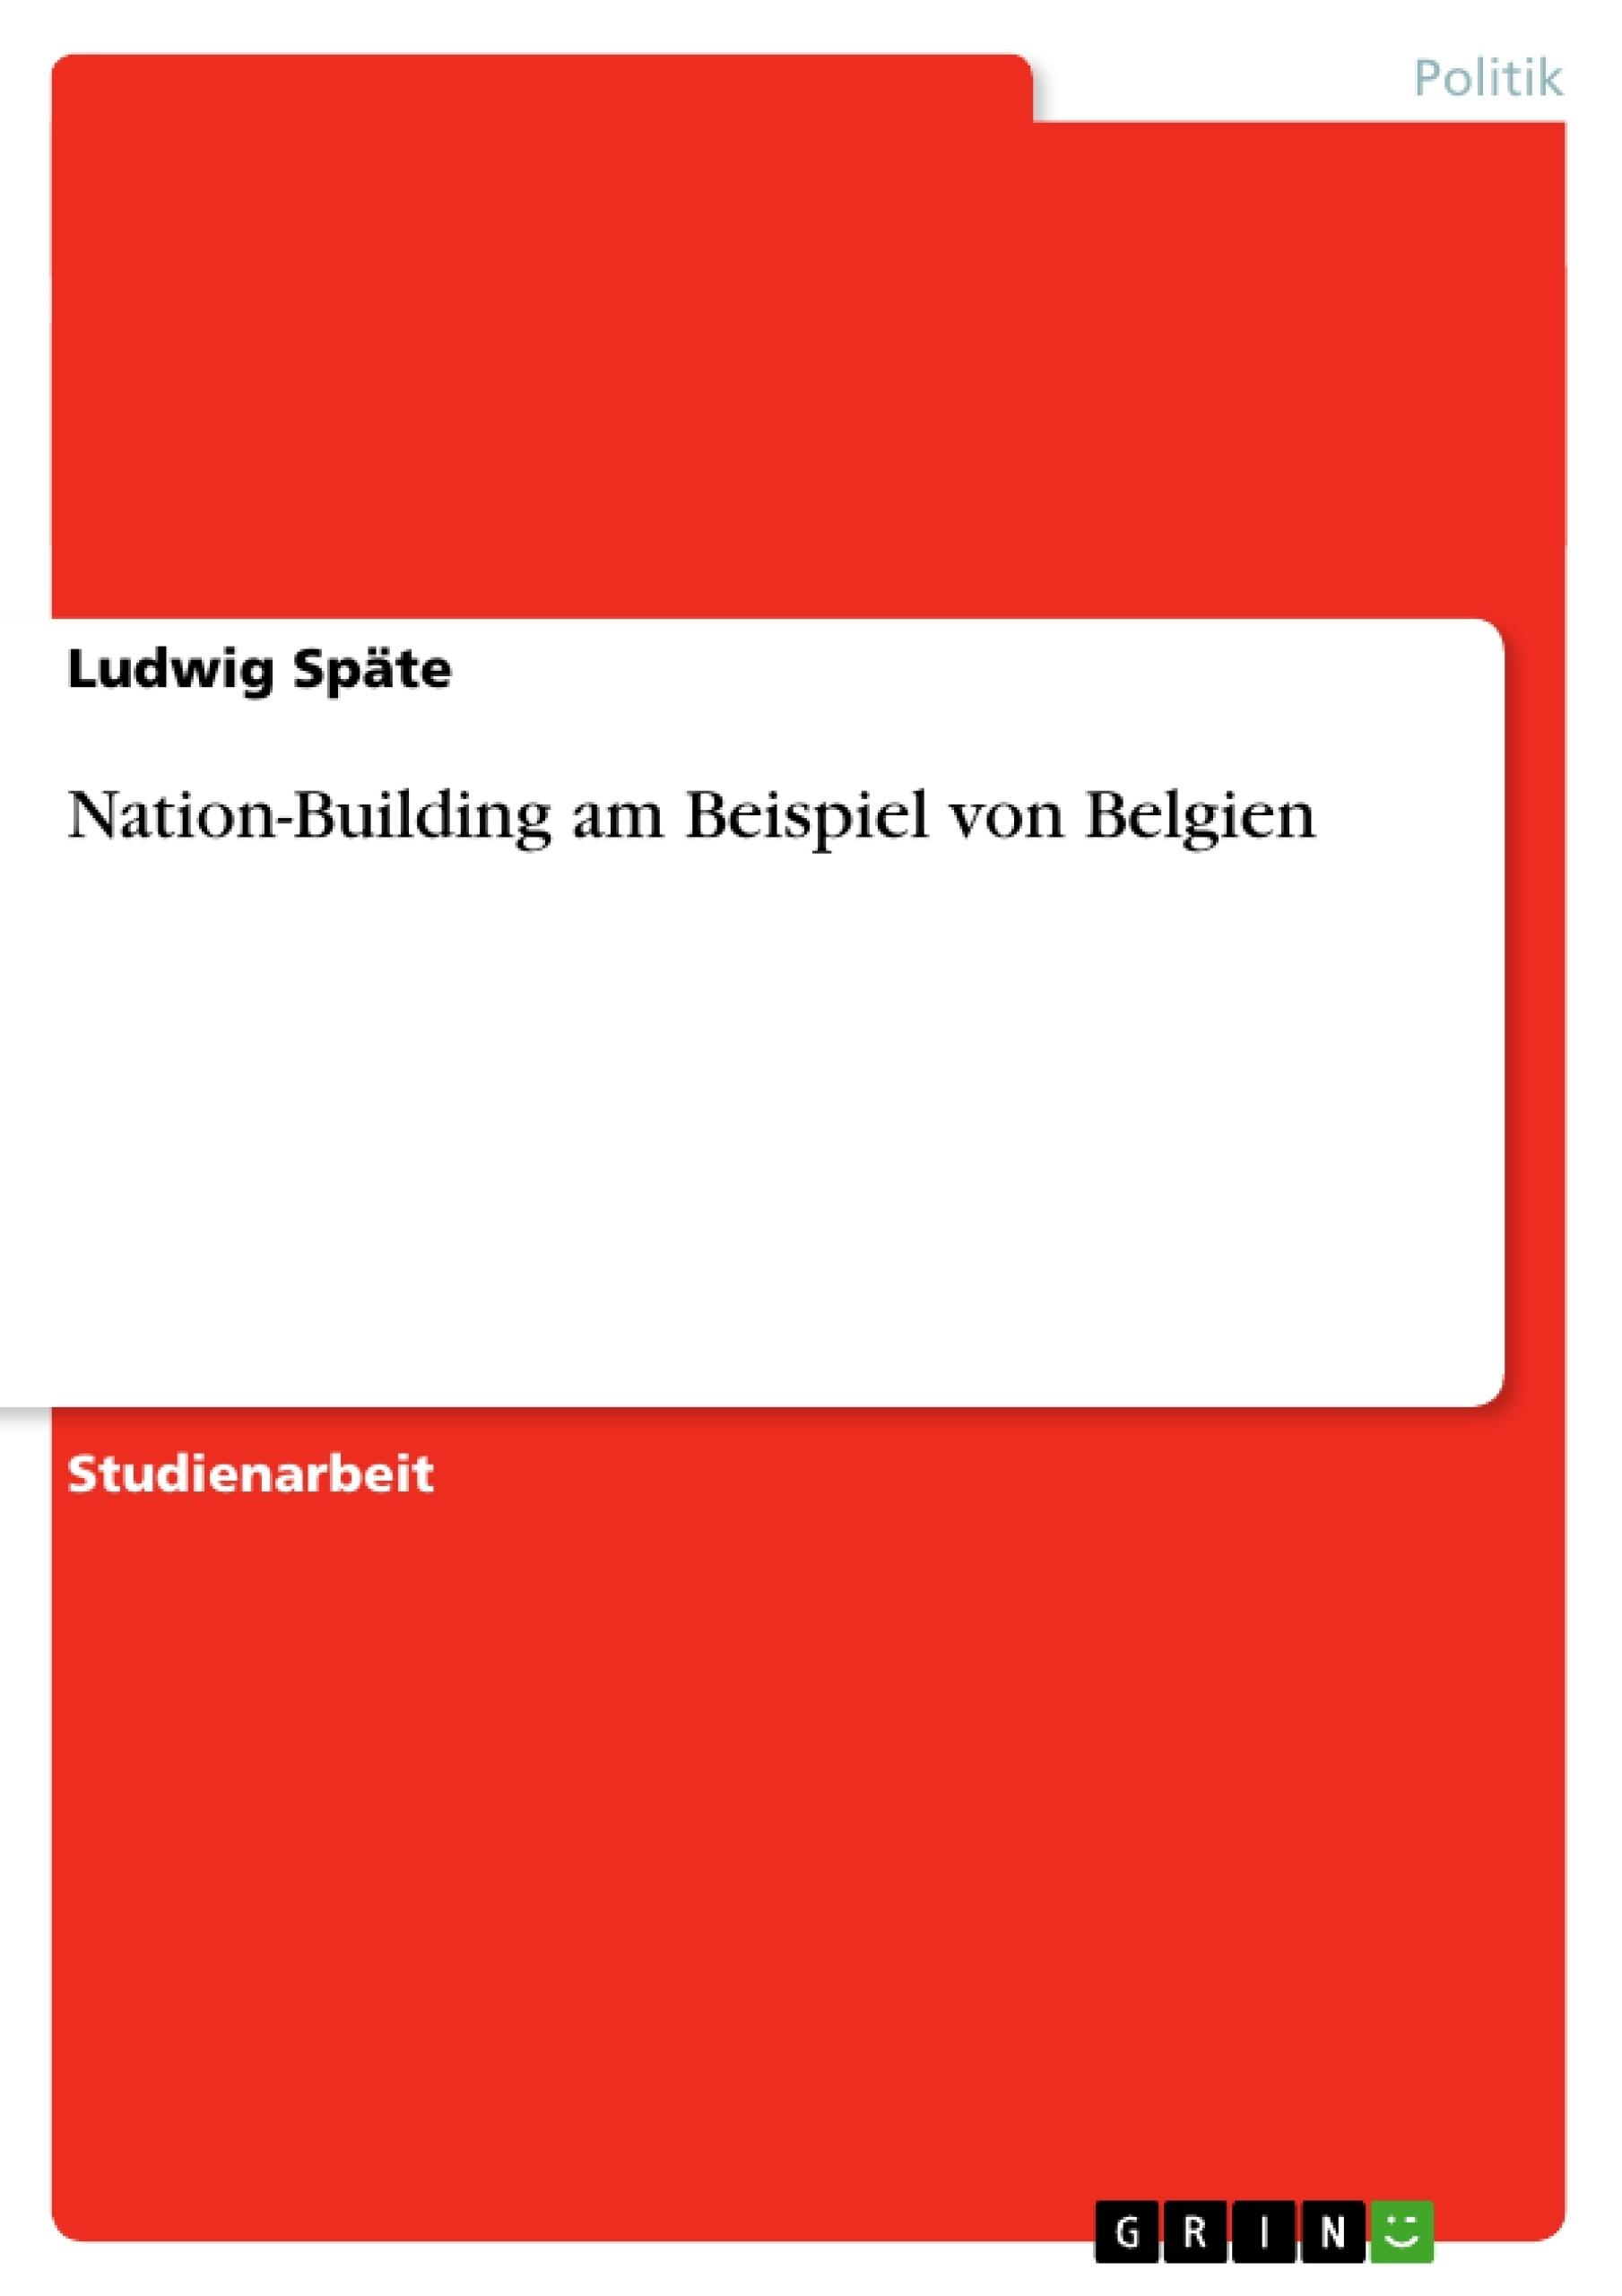 Titel: Nation-Building am Beispiel von Belgien